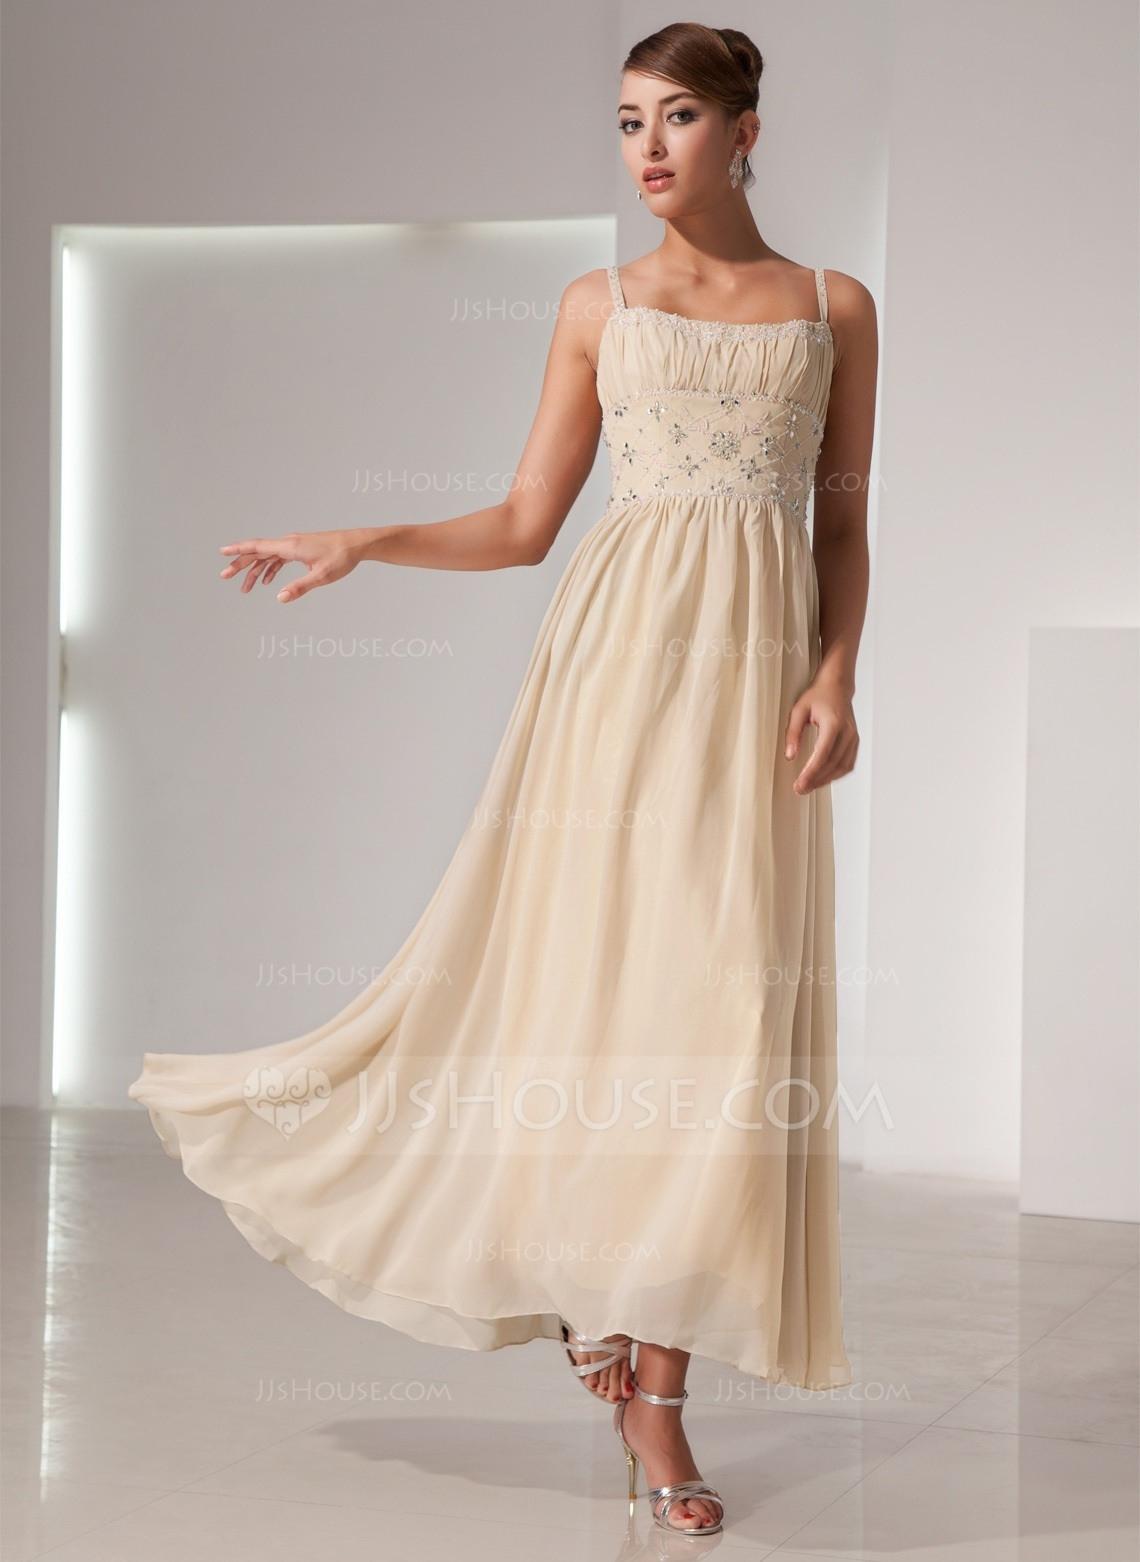 Abend Luxus Elegante Kleider Knöchellang für 2019Designer Schön Elegante Kleider Knöchellang Bester Preis